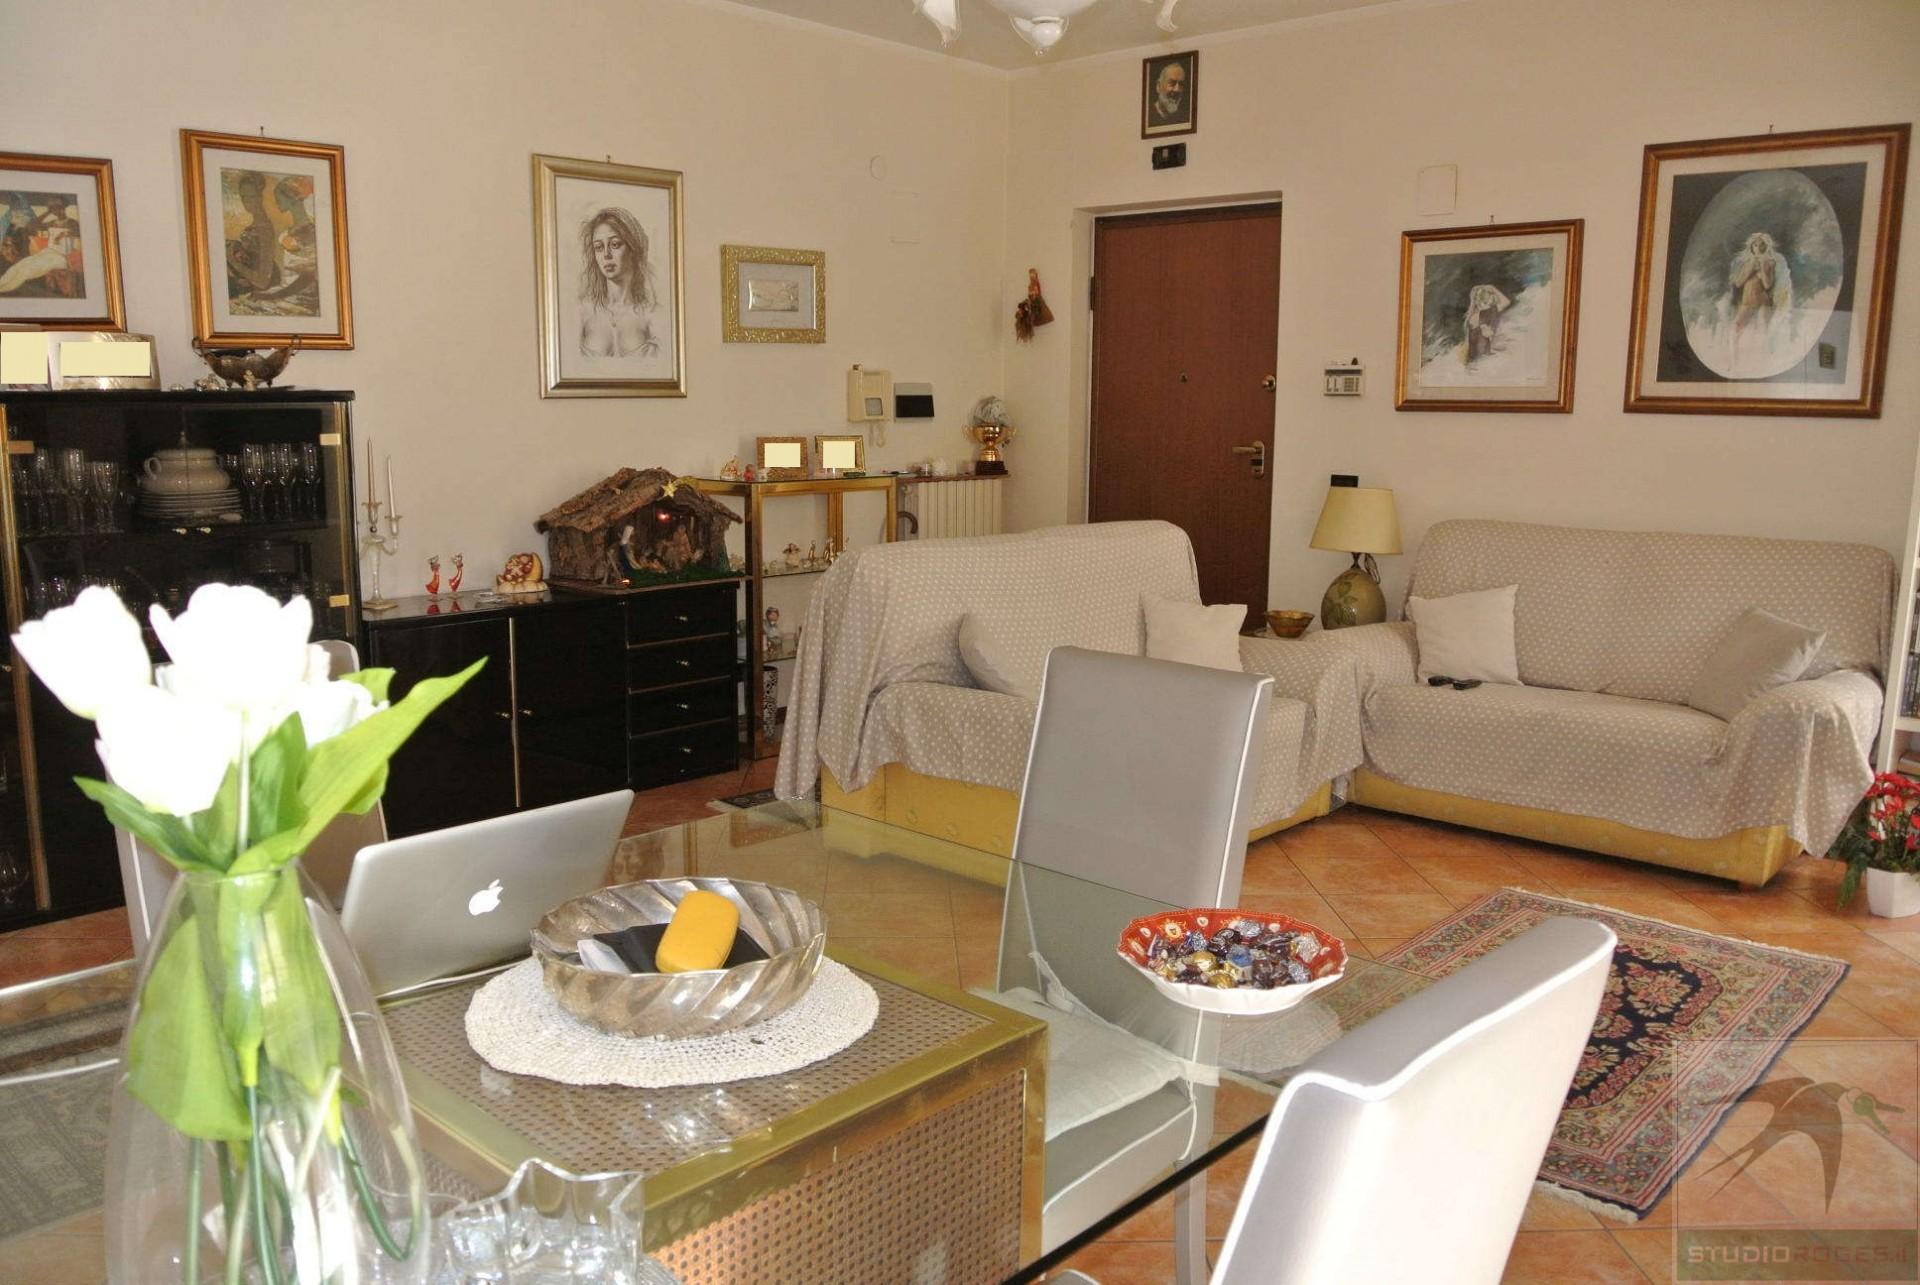 Appartamento in Vendita 167,73 mq - N. camere: 4 - - Rende - Saporito-Surdo-Malvitani (CS)